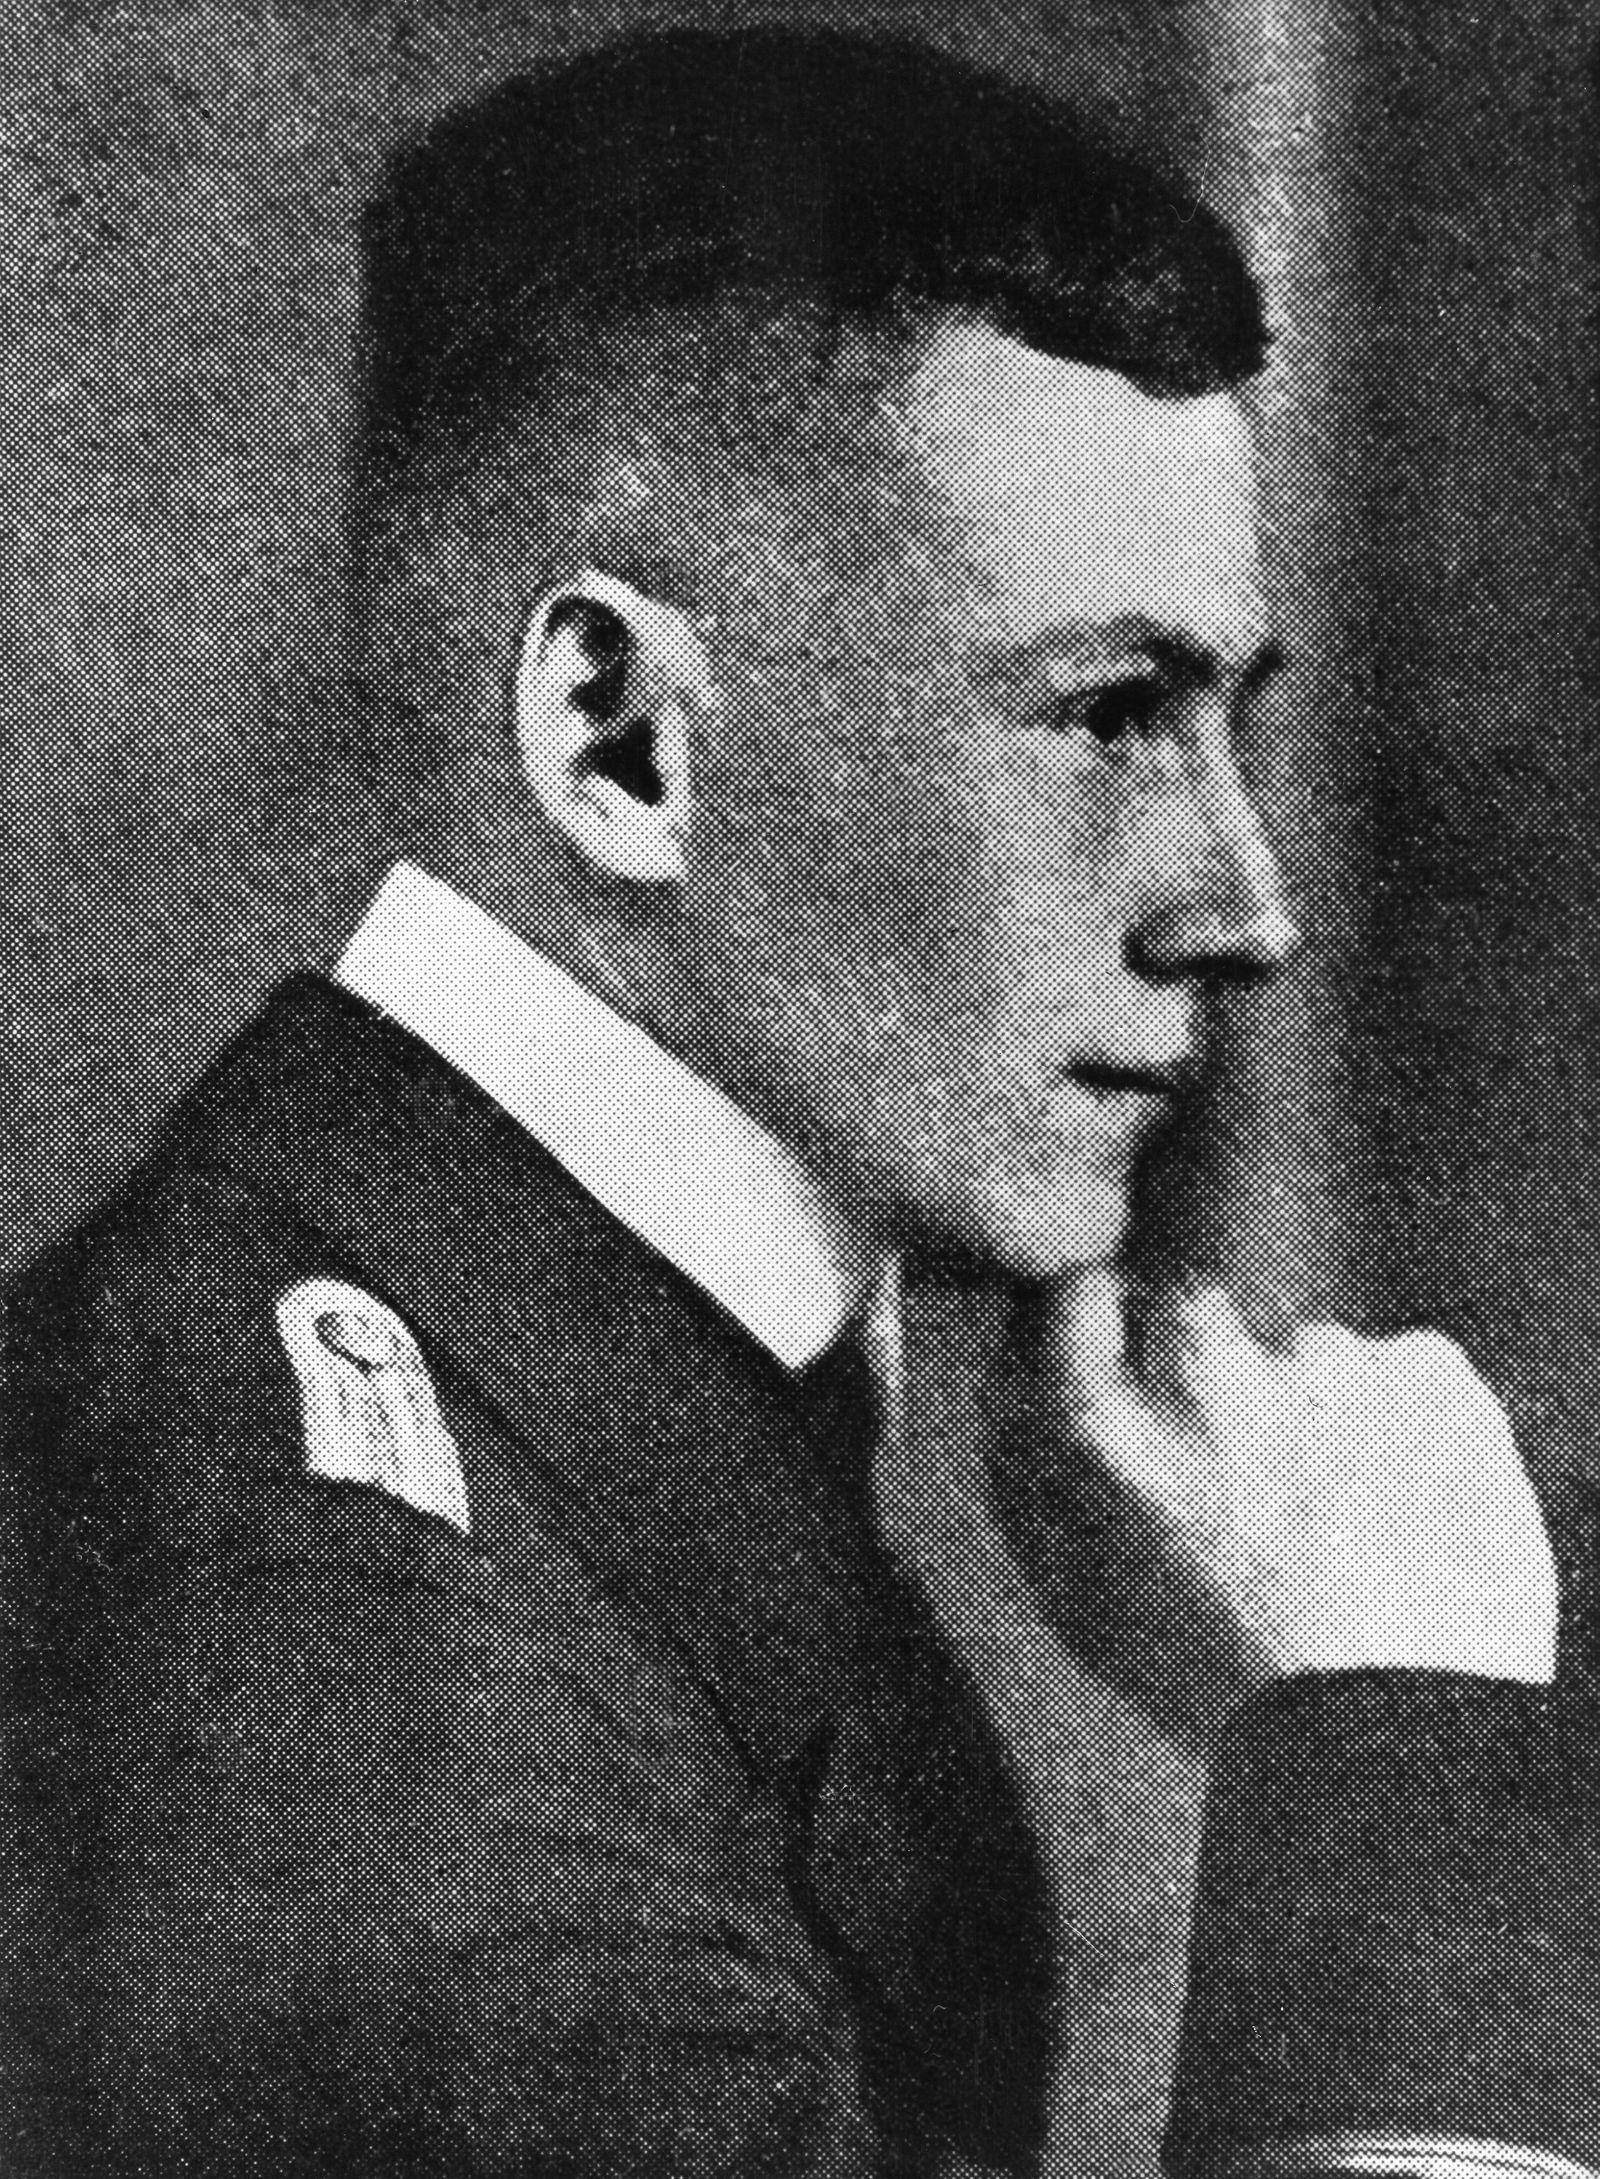 Erwin Kern, Mörder von Walther Rathenau